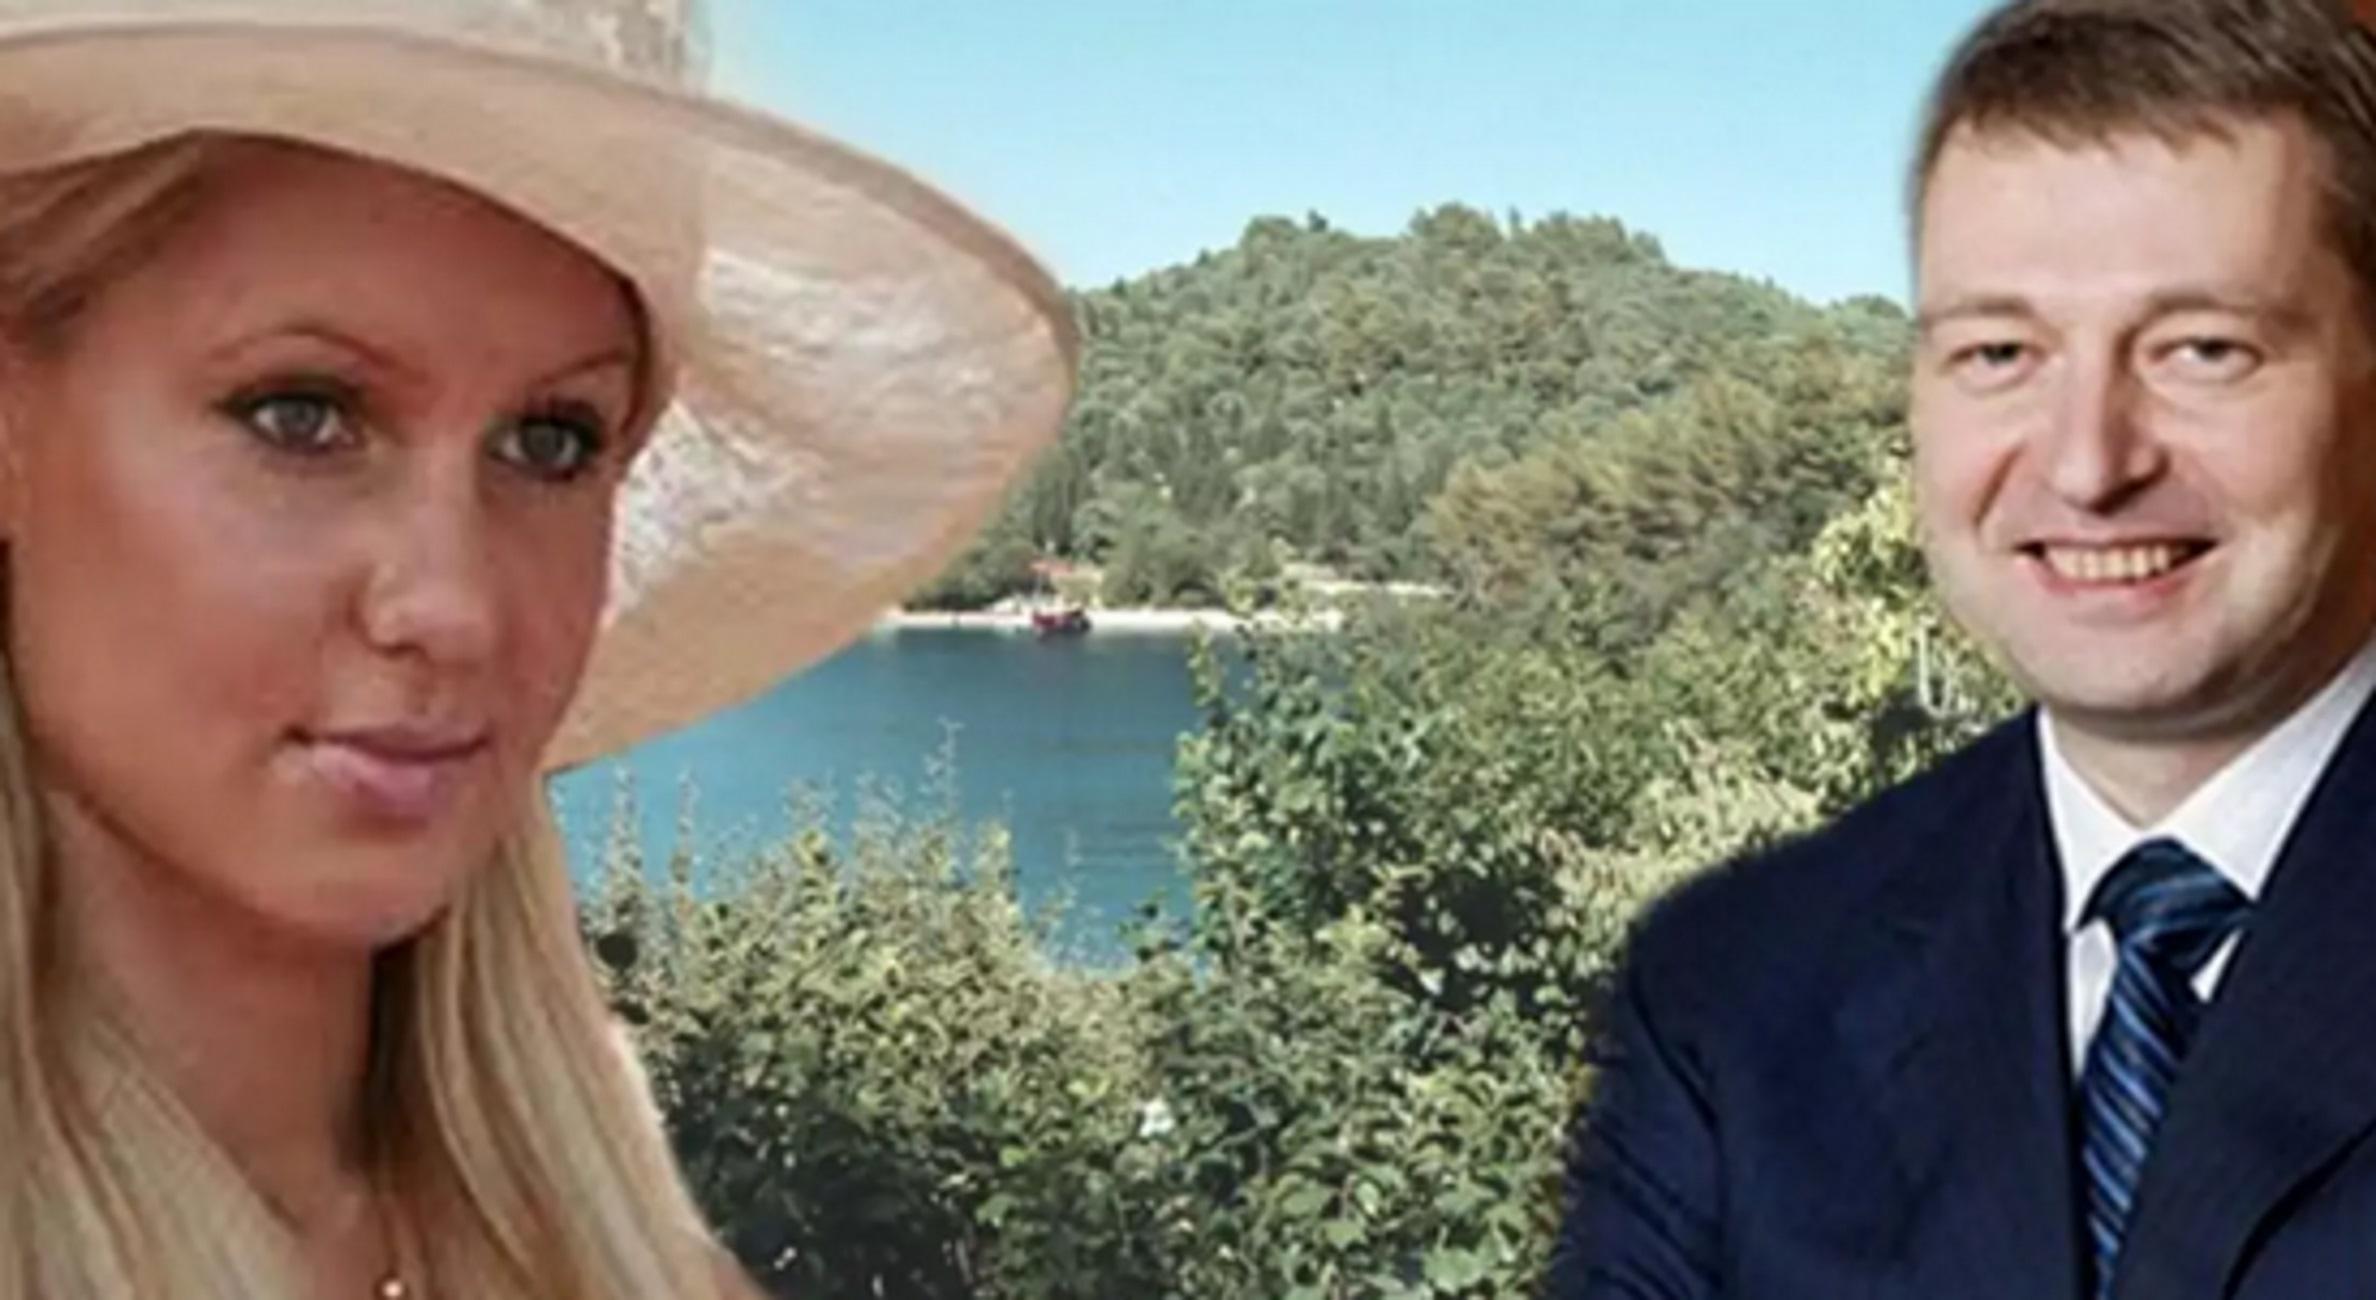 Σκορπιός: Από σερβιτόρος στο πριβέ πάρτι του Ριμπολόβλεφ! Έλληνας τραγουδιστής μιλά και αποκαλύπτει